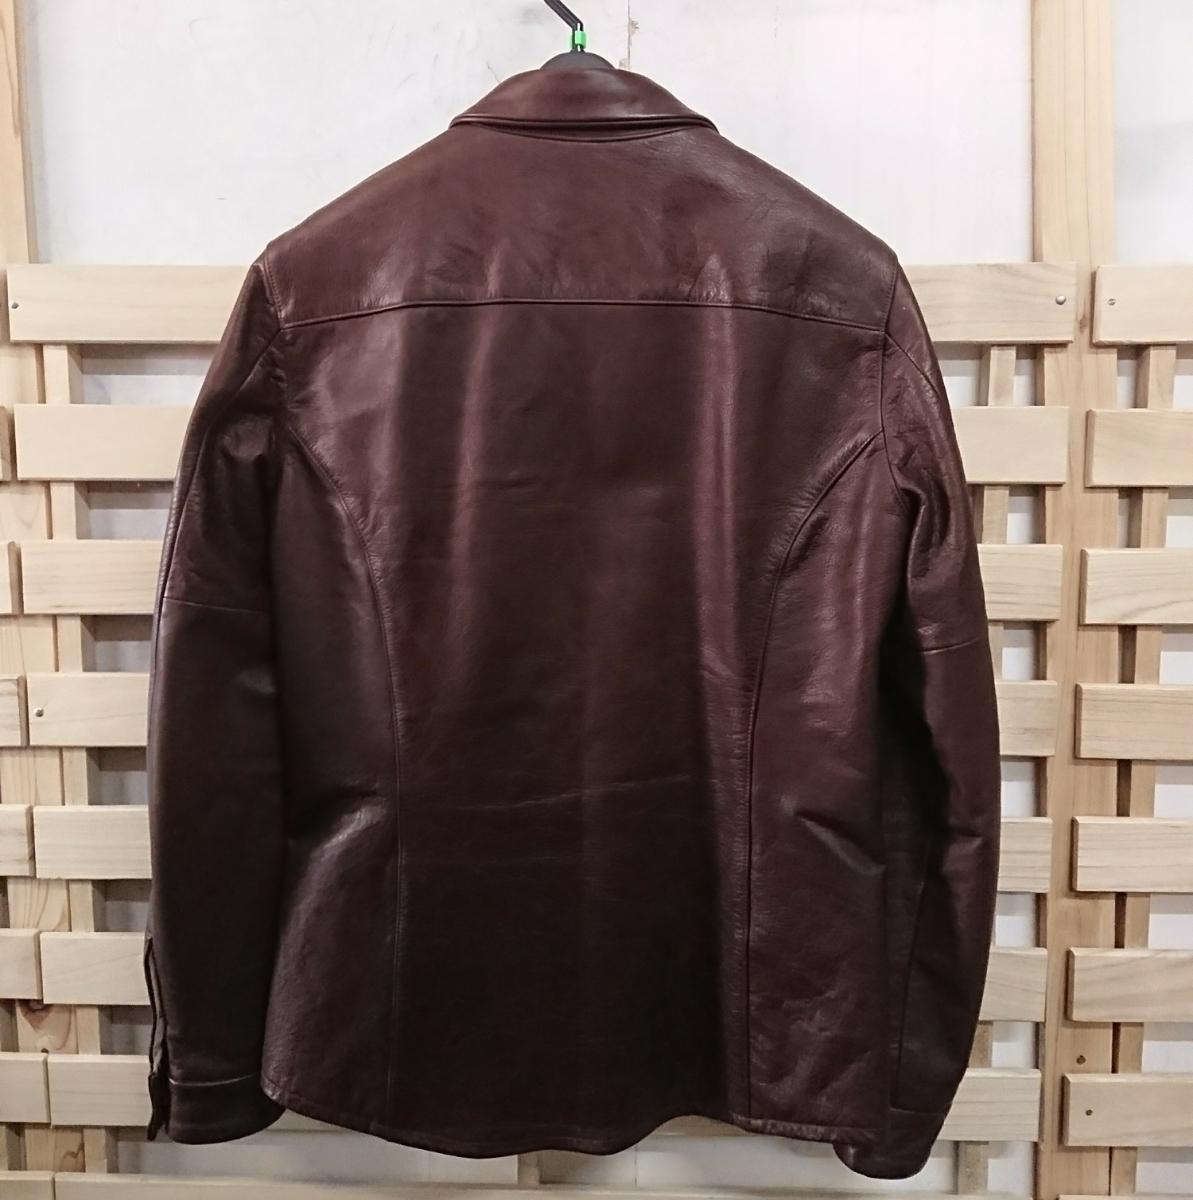 美品☆Body Shirt MR.OLIVE ミスターオリーブ カウハイド レザージャケット シャツ M 日本製_画像2